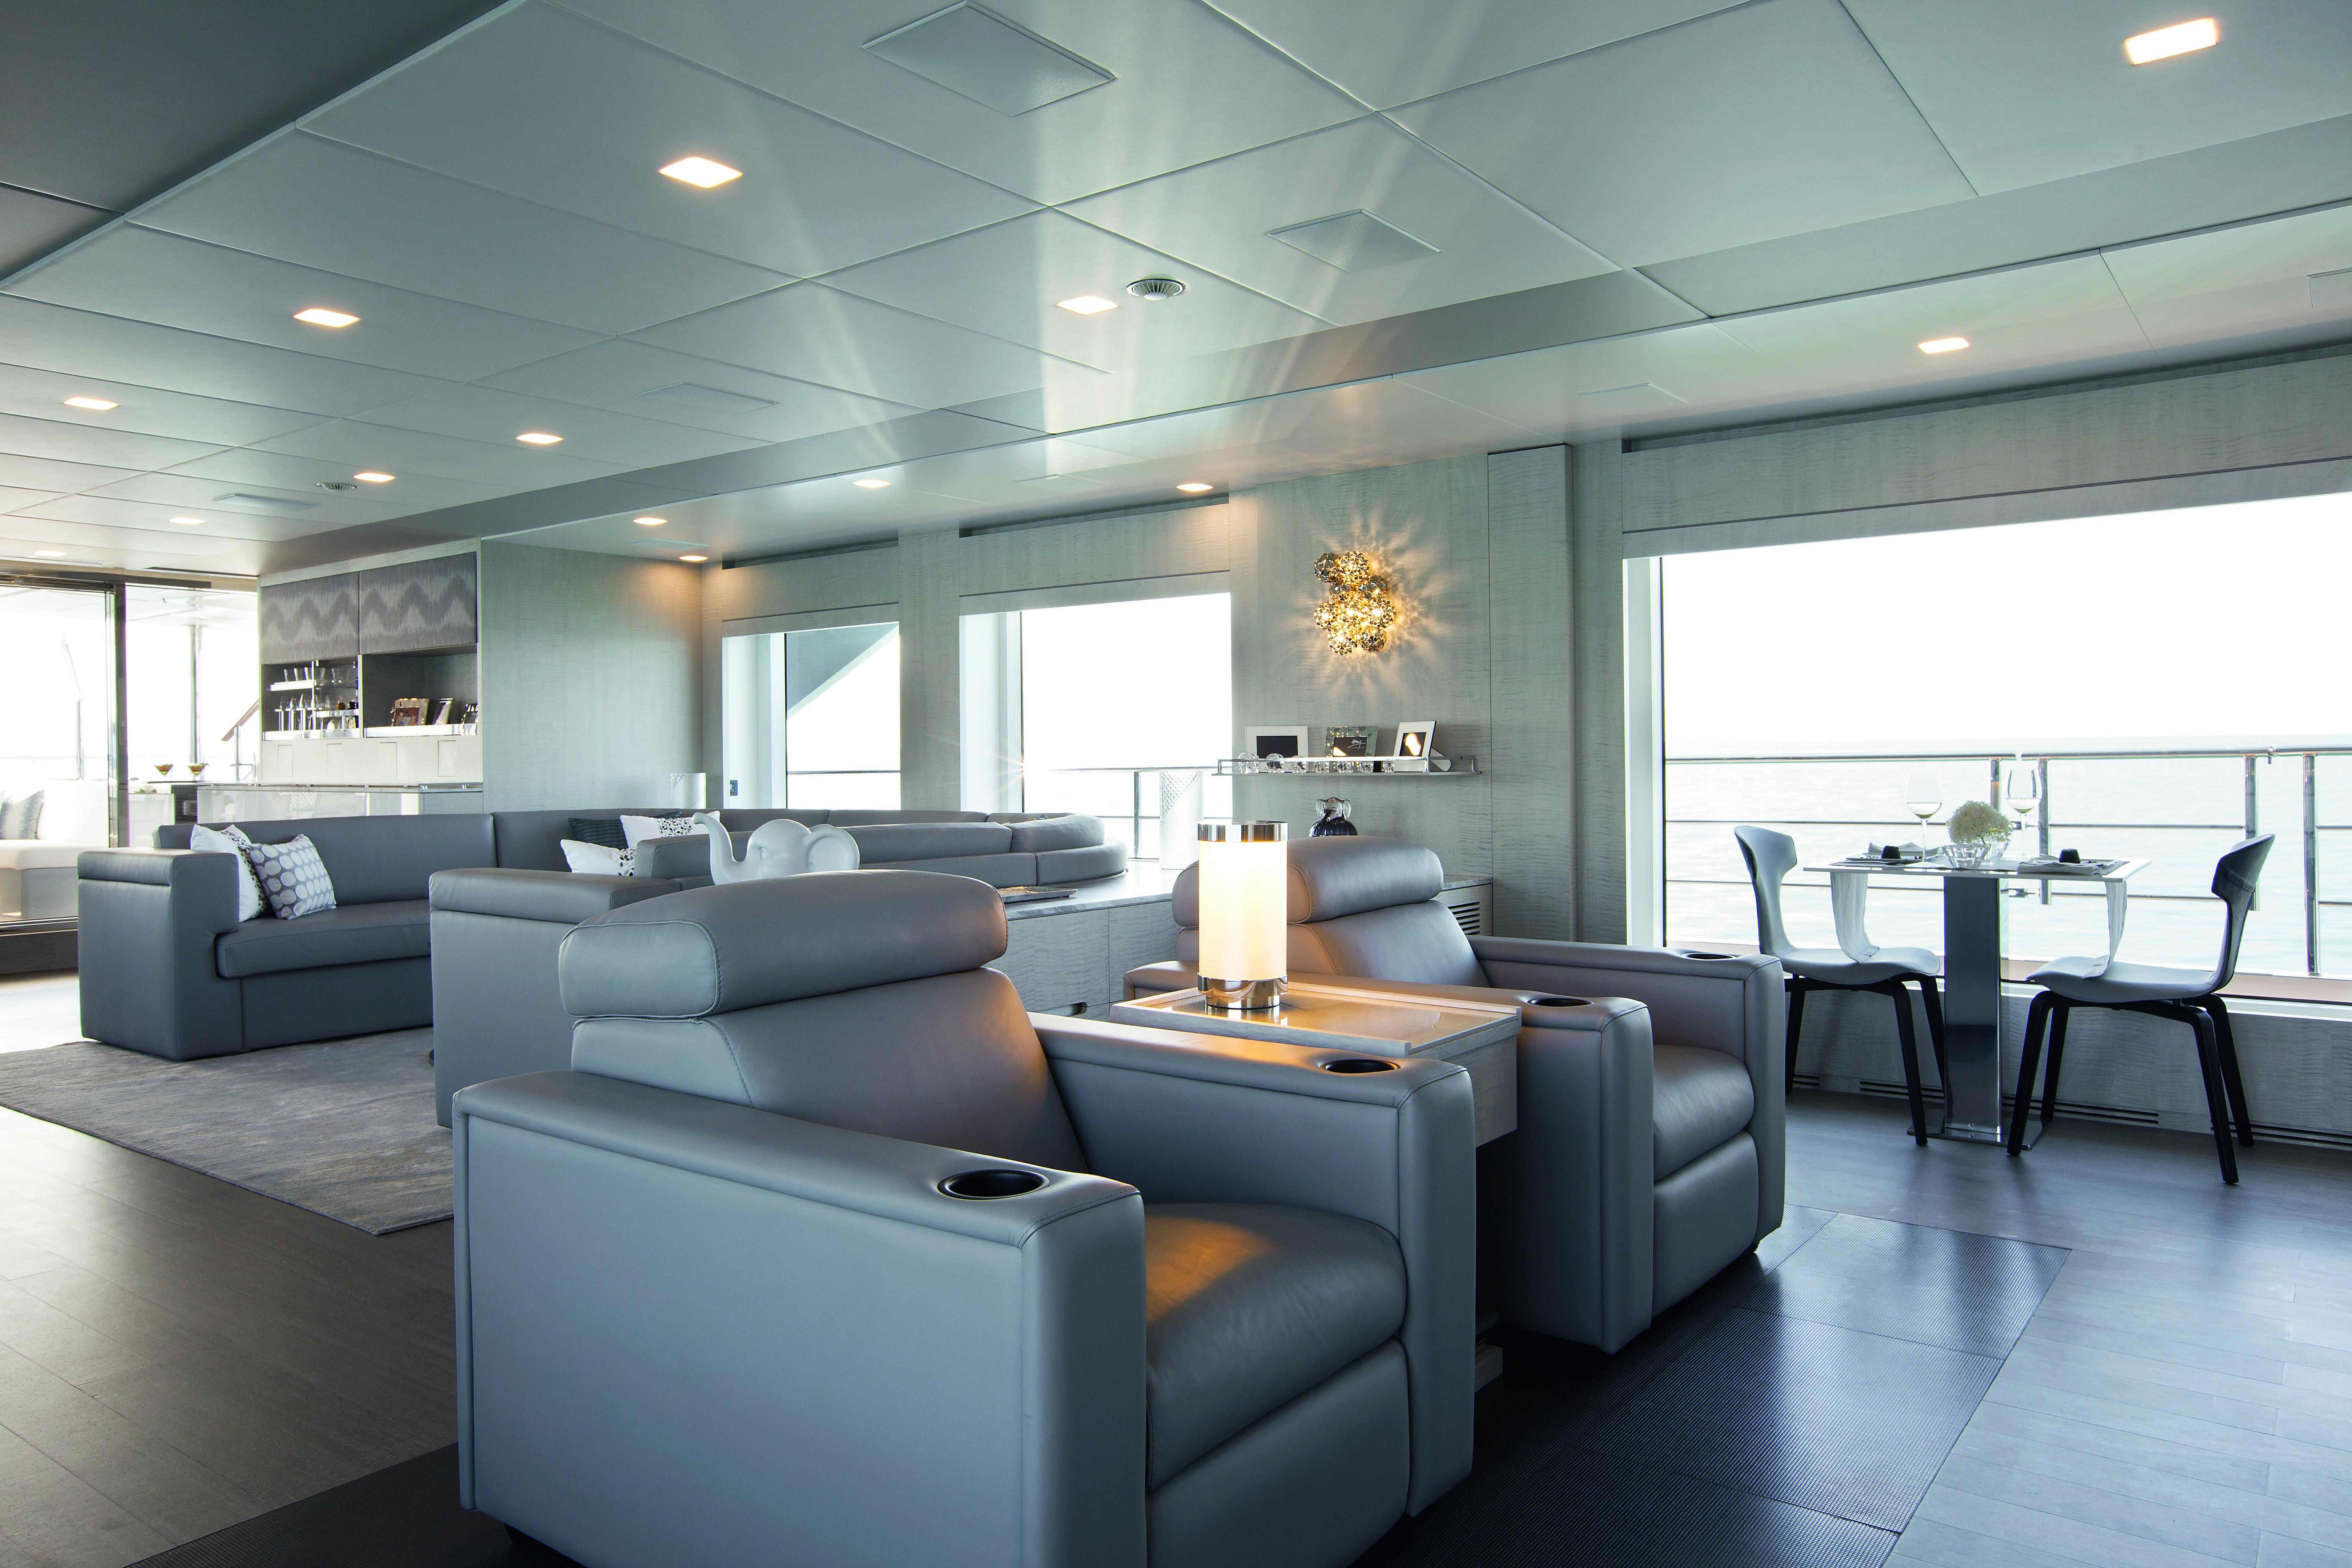 Motor yacht H - Main salon